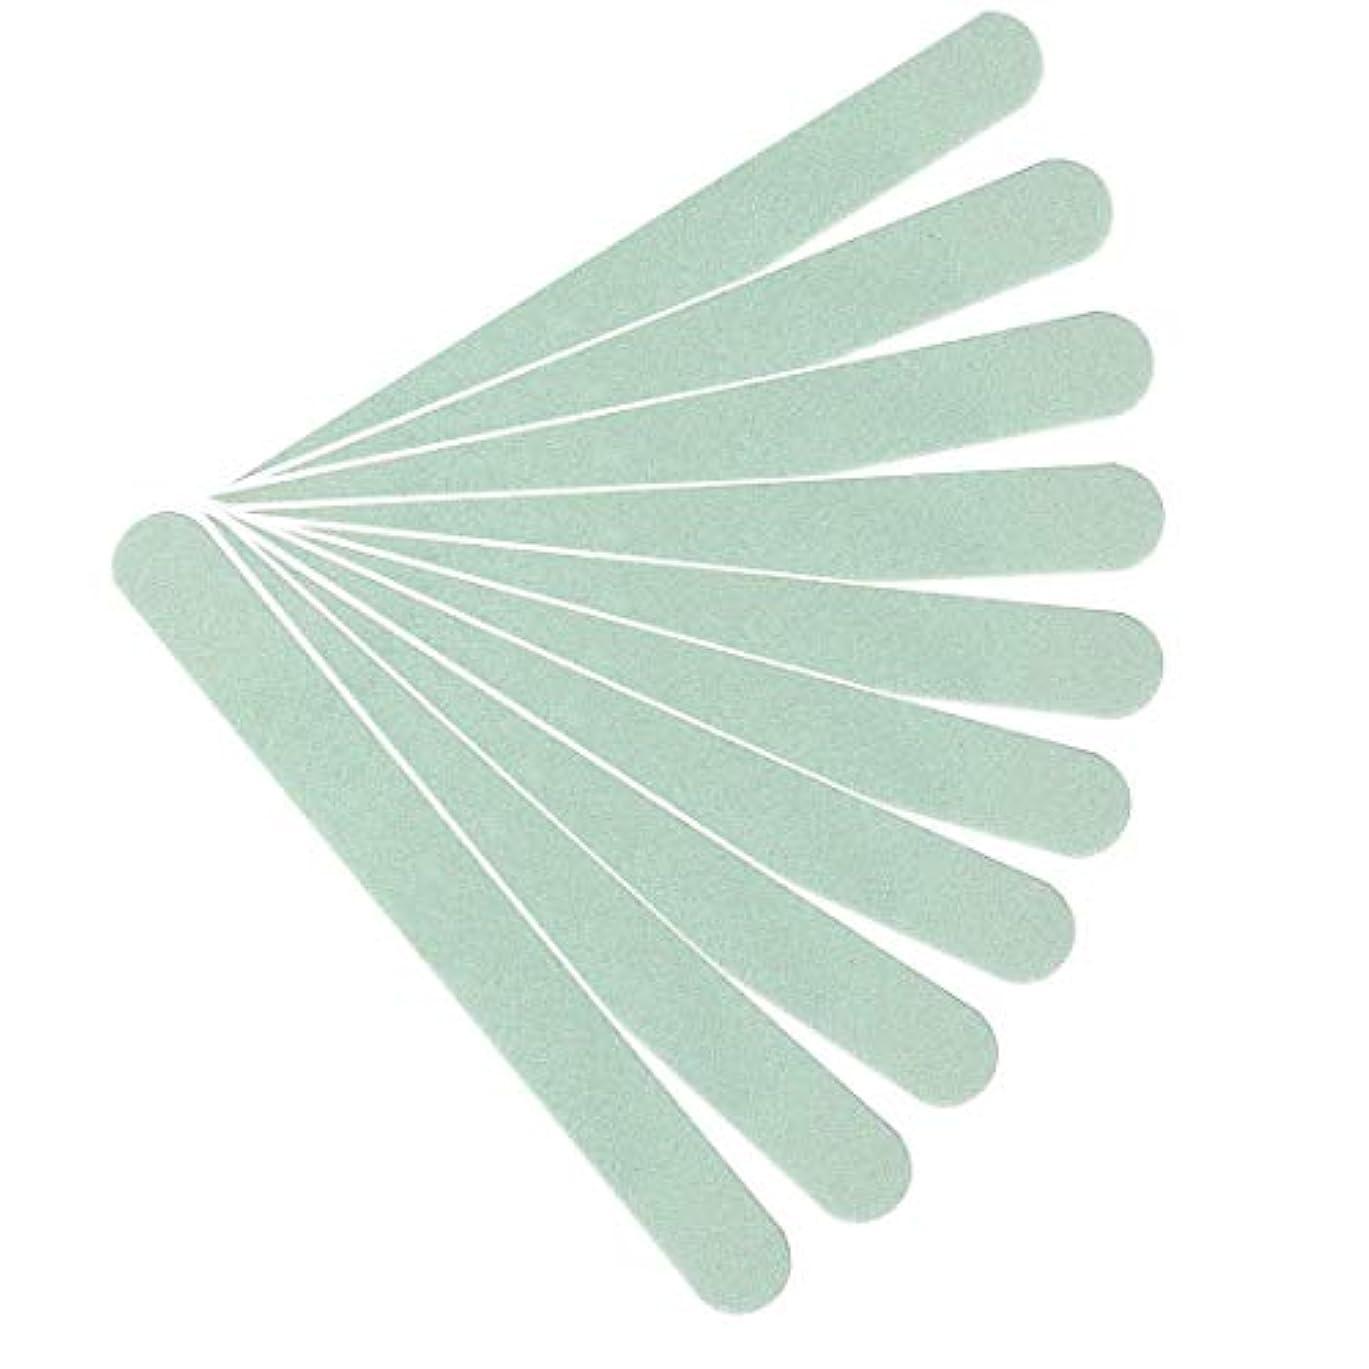 泳ぐしなやか締め切り【kimari】(10本セット)kmr-005ネイルシャイナー 600/3000グリット スポンジファイル ソフトファイル ネイルポリッシュファイル